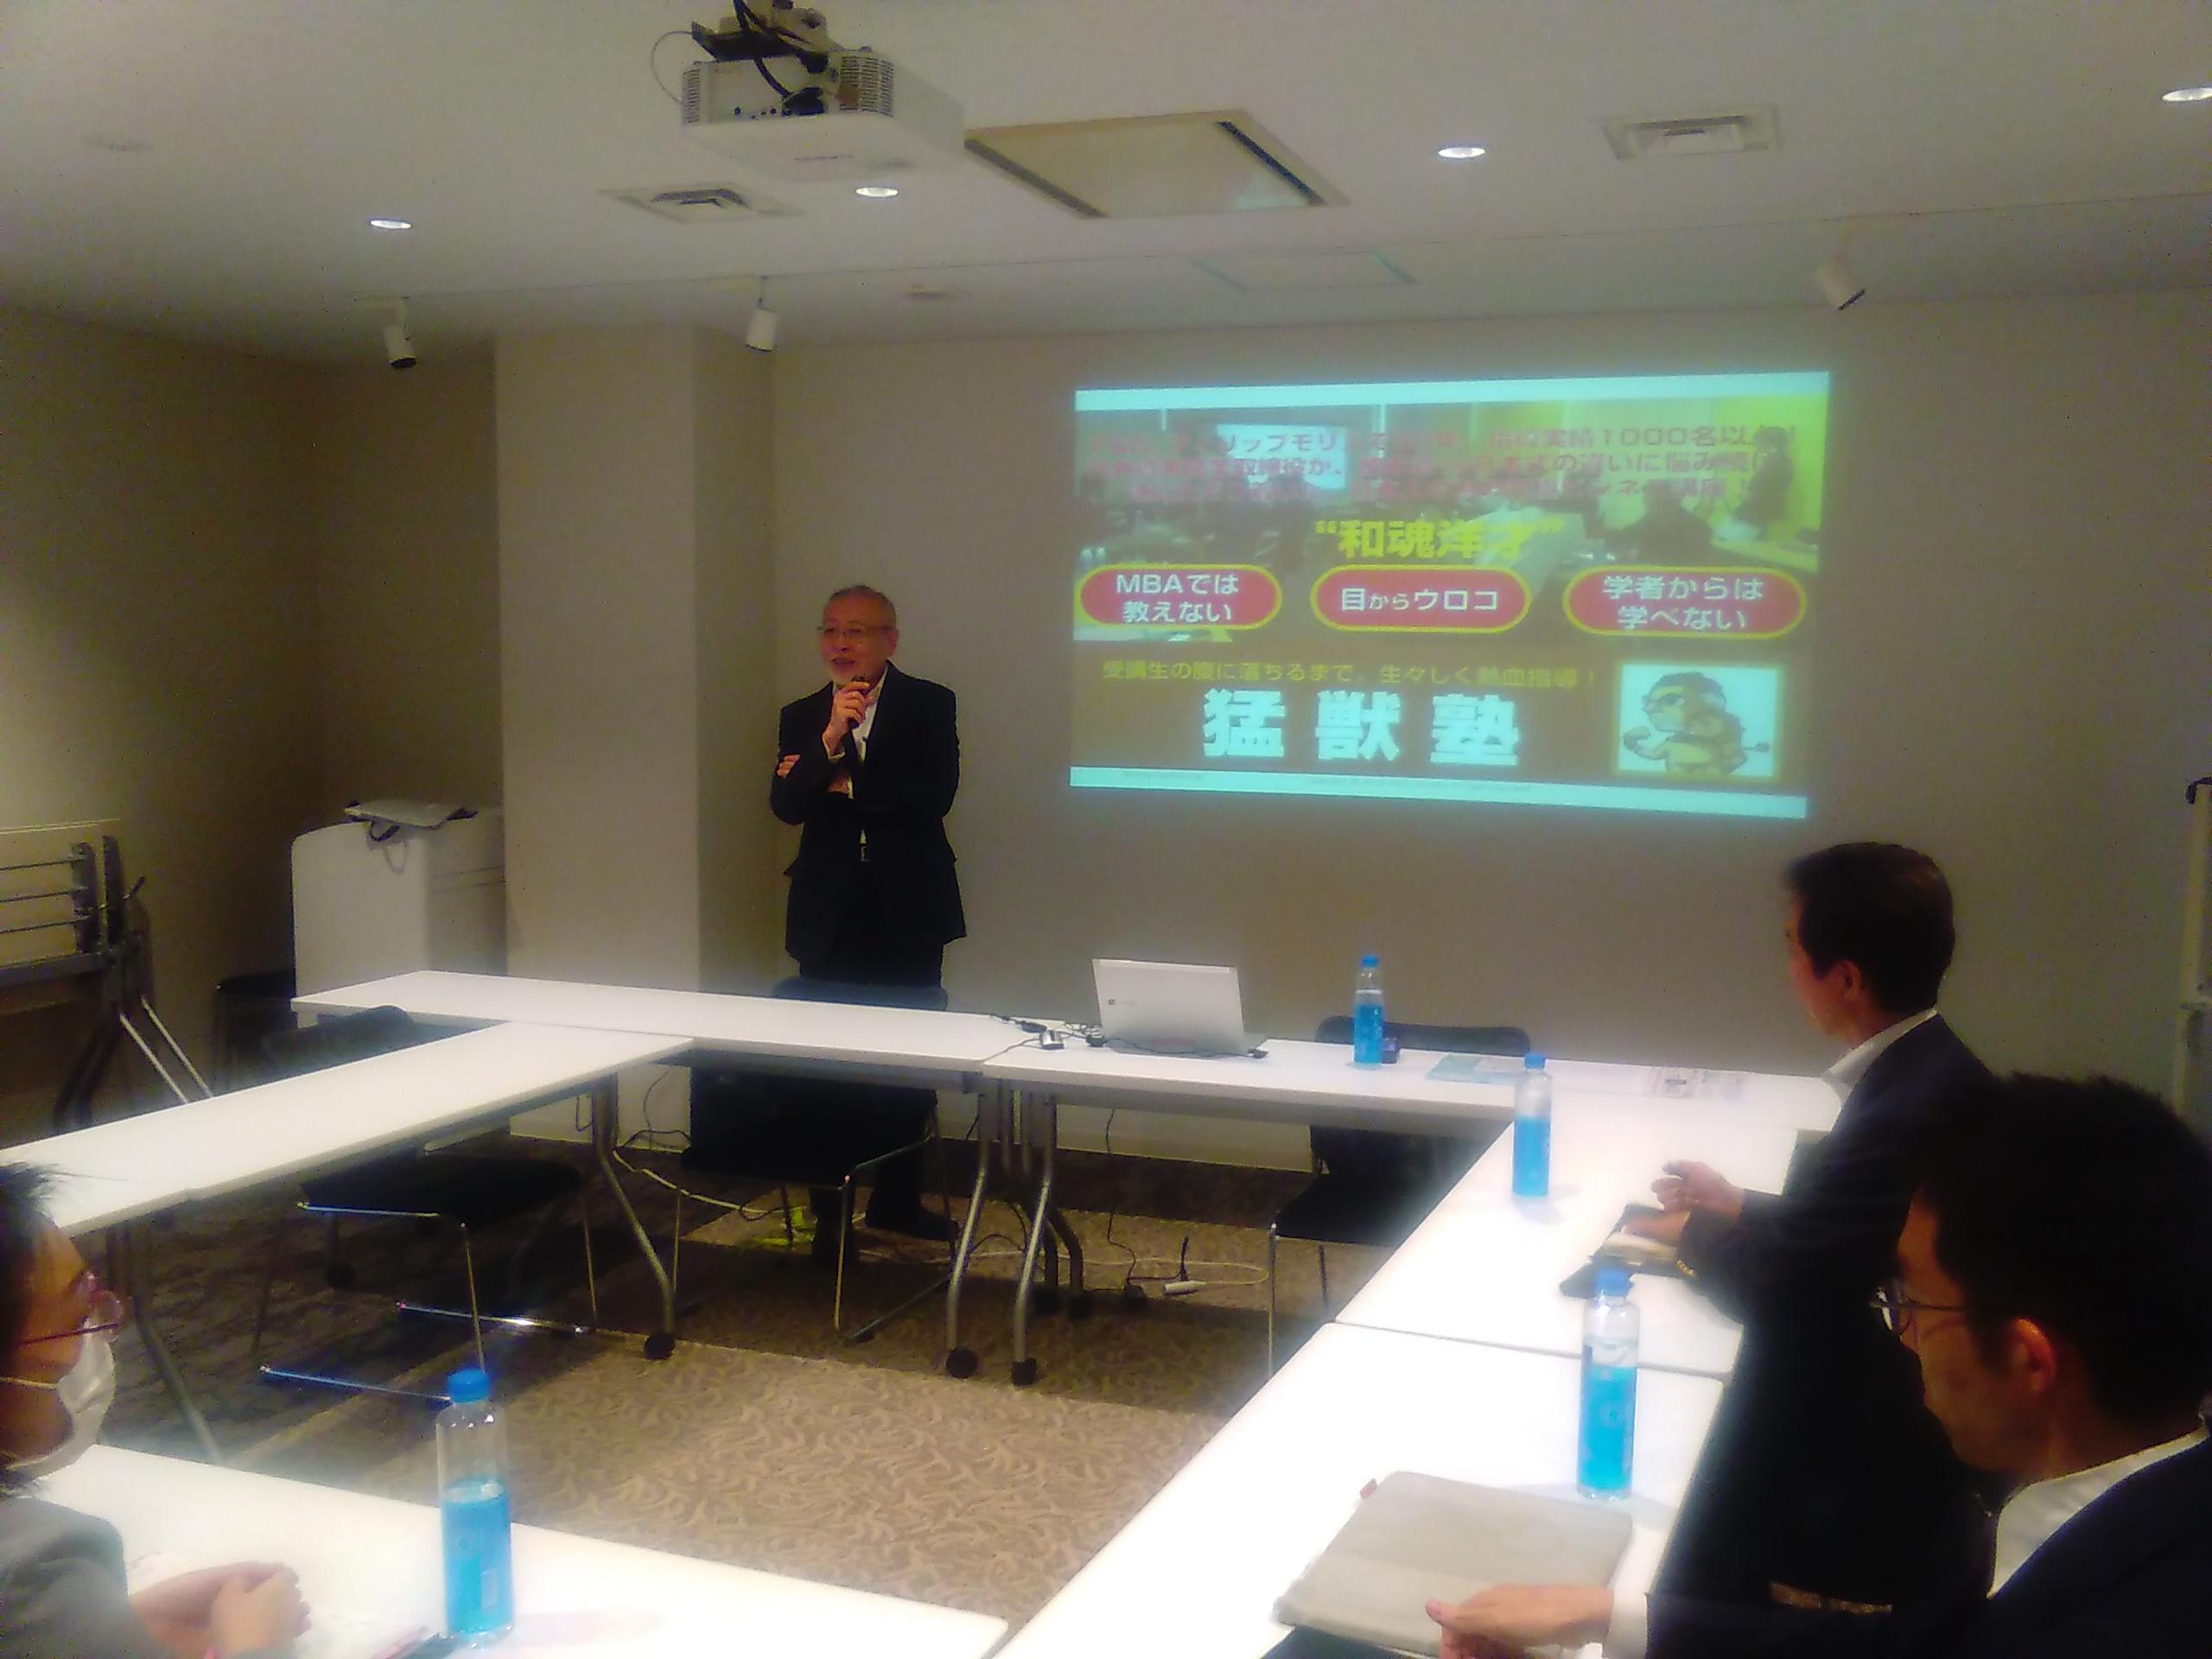 KIMG1259 - 6月25日猛獣塾入門講座開催